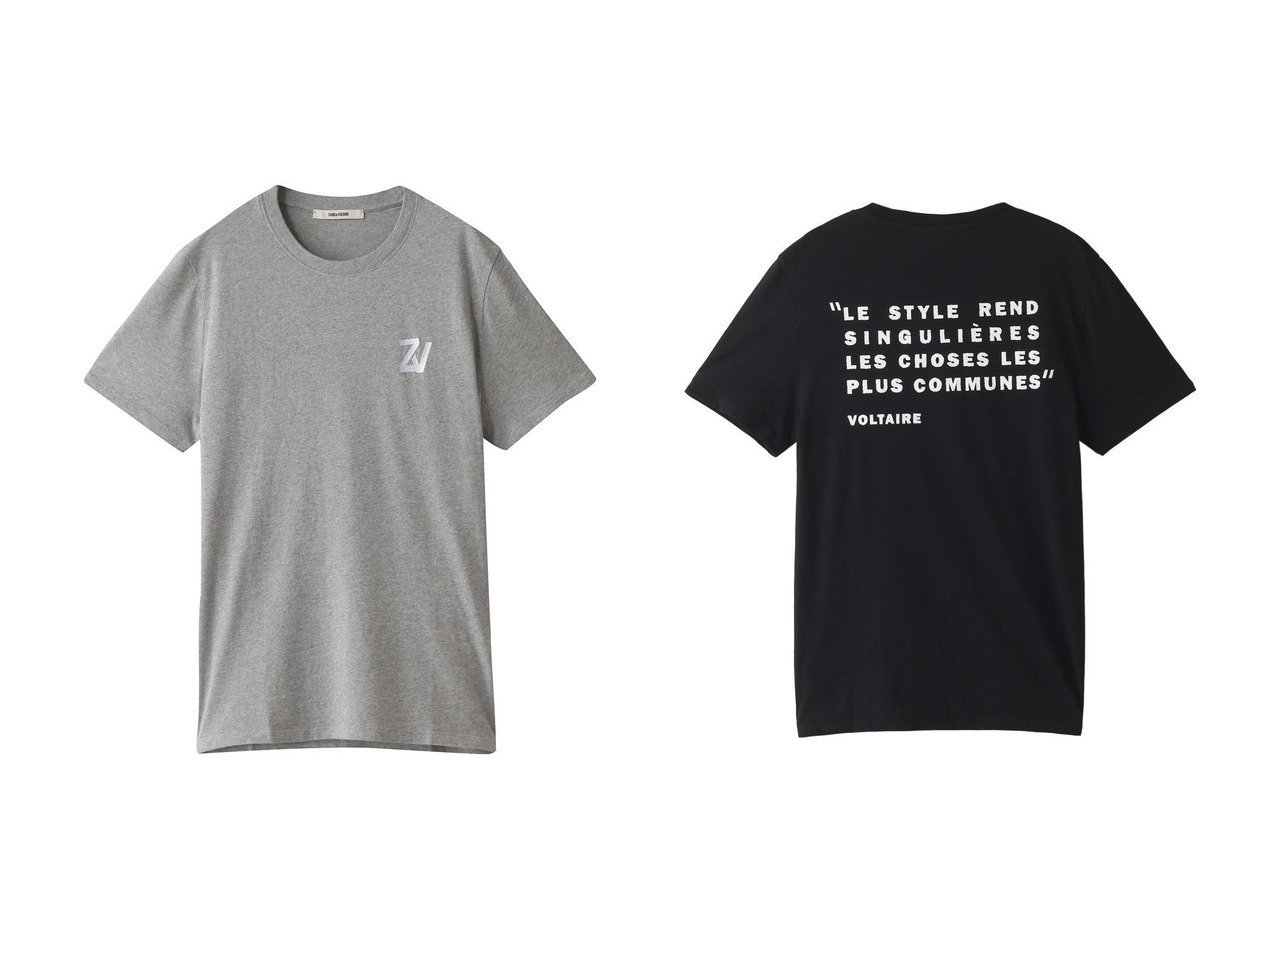 【ZADIG & VOLTAIRE / MEN/ザディグ エ ヴォルテール】の【MEN】TED HC PHOTOPRINT TEE-SHIRT CAPSULE SHOW バックプリントTシャツ&【MEN】TED HC CITATION TEE-SHIRT ARTWORK PHRASE DOS Tシャツ 【MEN】男性のおすすめ!人気トレンド・メンズファッションの通販 おすすめで人気の流行・トレンド、ファッションの通販商品 メンズファッション・キッズファッション・インテリア・家具・レディースファッション・服の通販 founy(ファニー) https://founy.com/ ファッション Fashion メンズファッション MEN トップス Tops Tshirt Men シャツ Shirts ショート スリーブ プリント シンプル フロント |ID:crp329100000008909